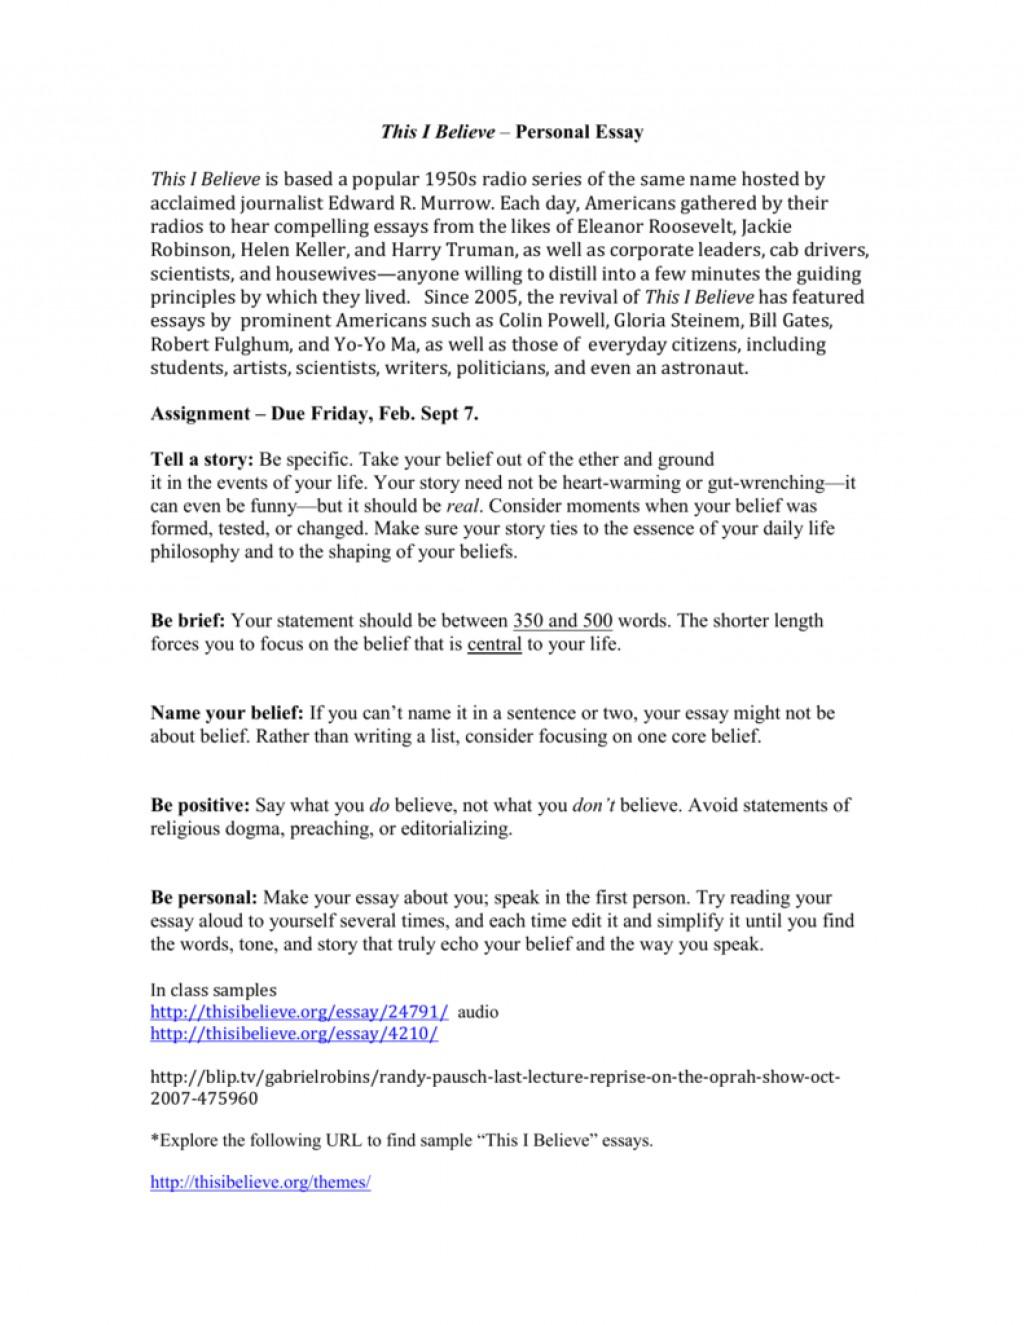 001 Thisibelieve Org Essays Featured 009016648 1 Essay Amazing Thisibelieve.org Large